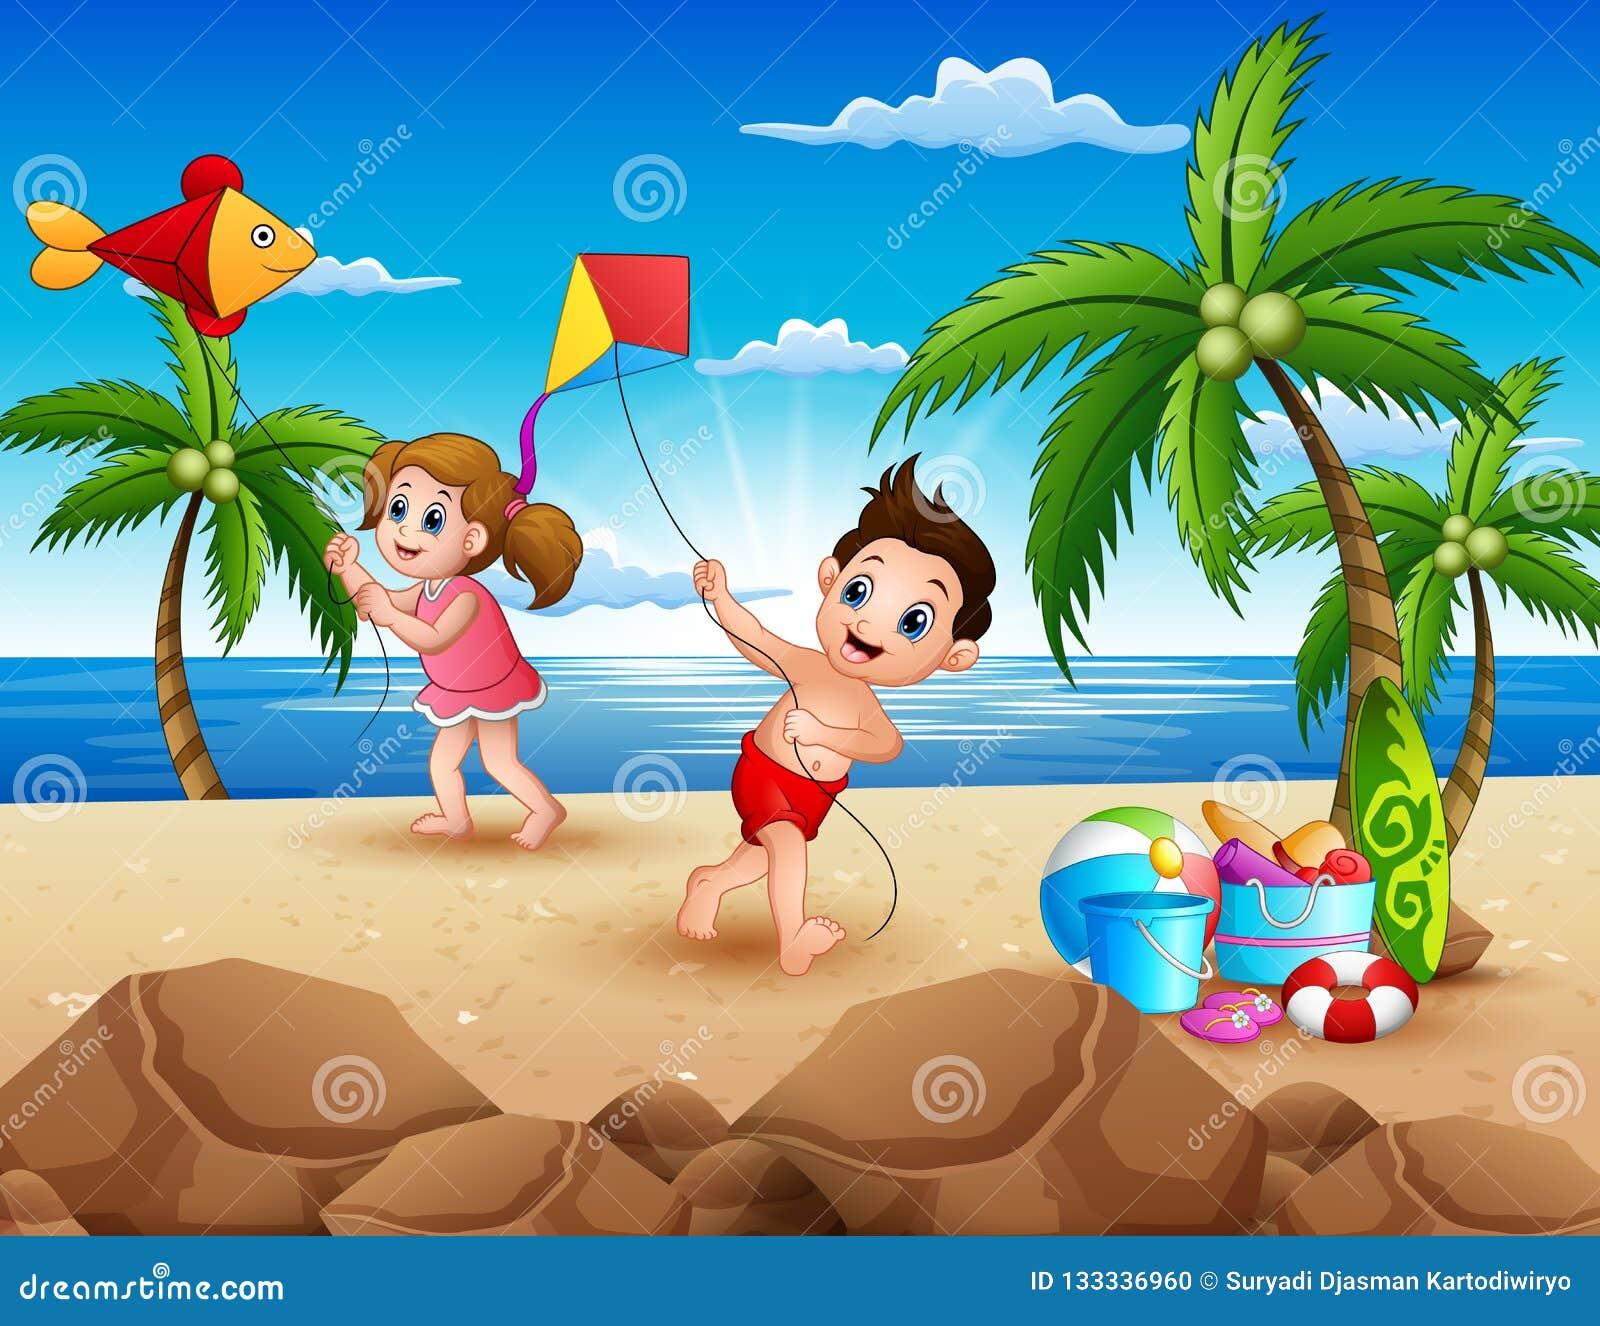 Шарж маленьких детей играя с змеями на пляже